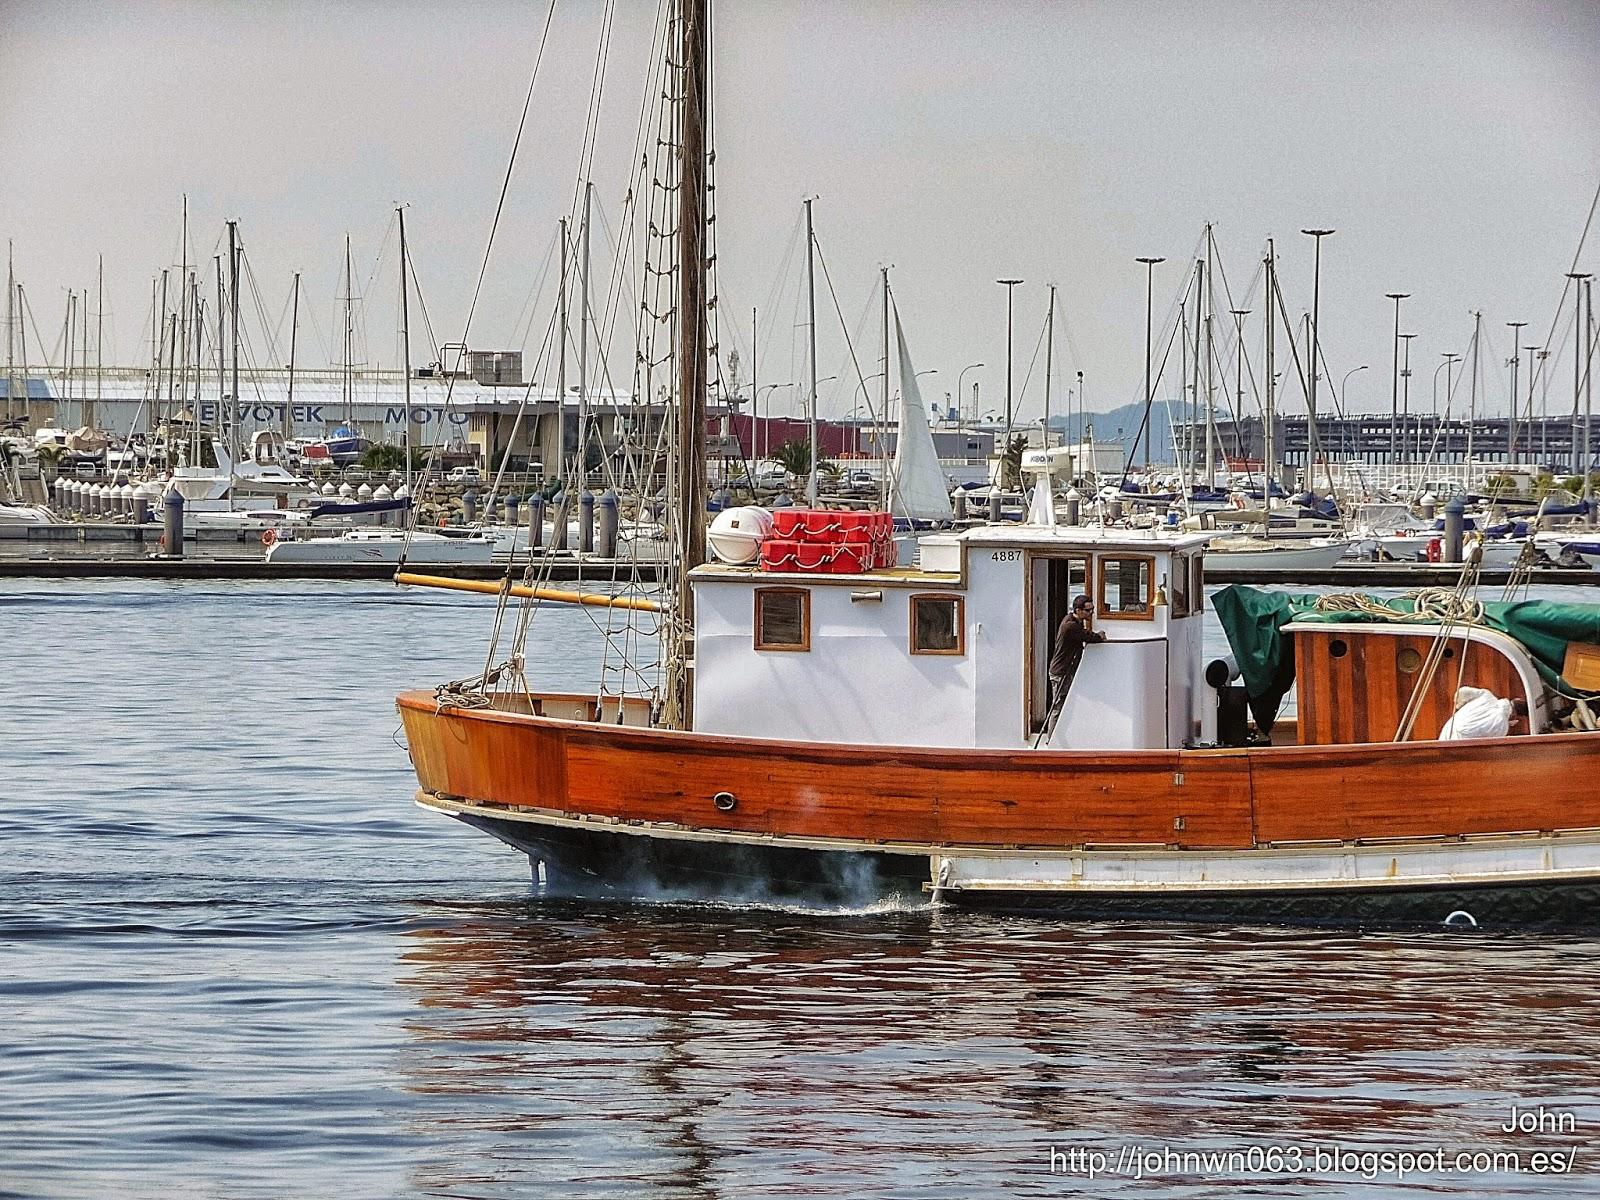 fotos de barcos, imagenes de barcos, nauja, merak, náutica, goleta, vigo